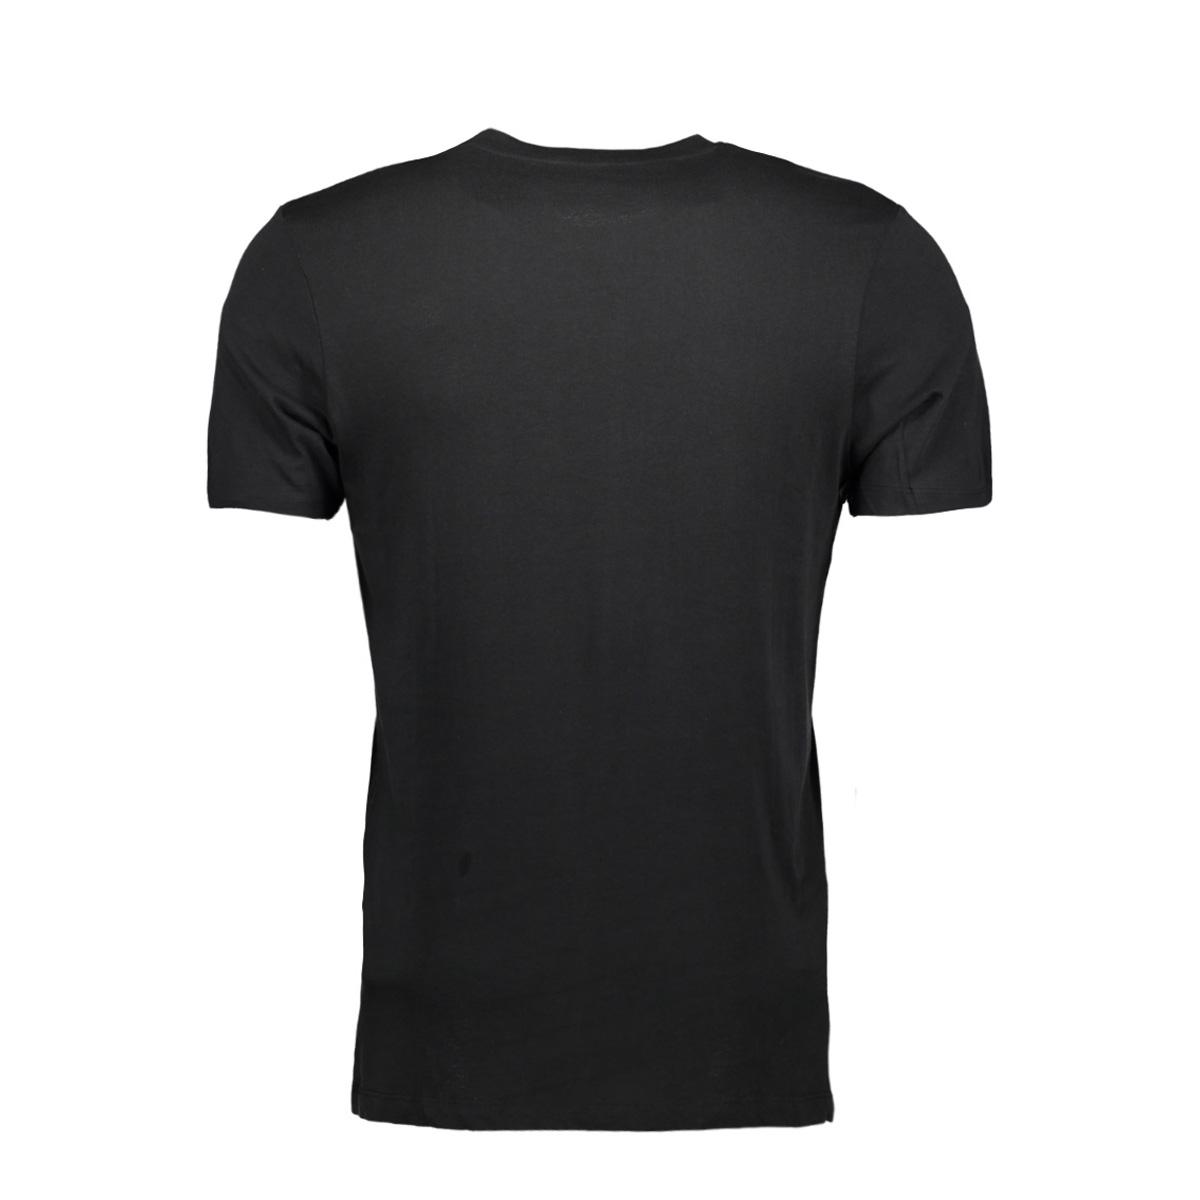 jcobooster tee ss crew neck 0010 12135945 jack & jones t-shirt black